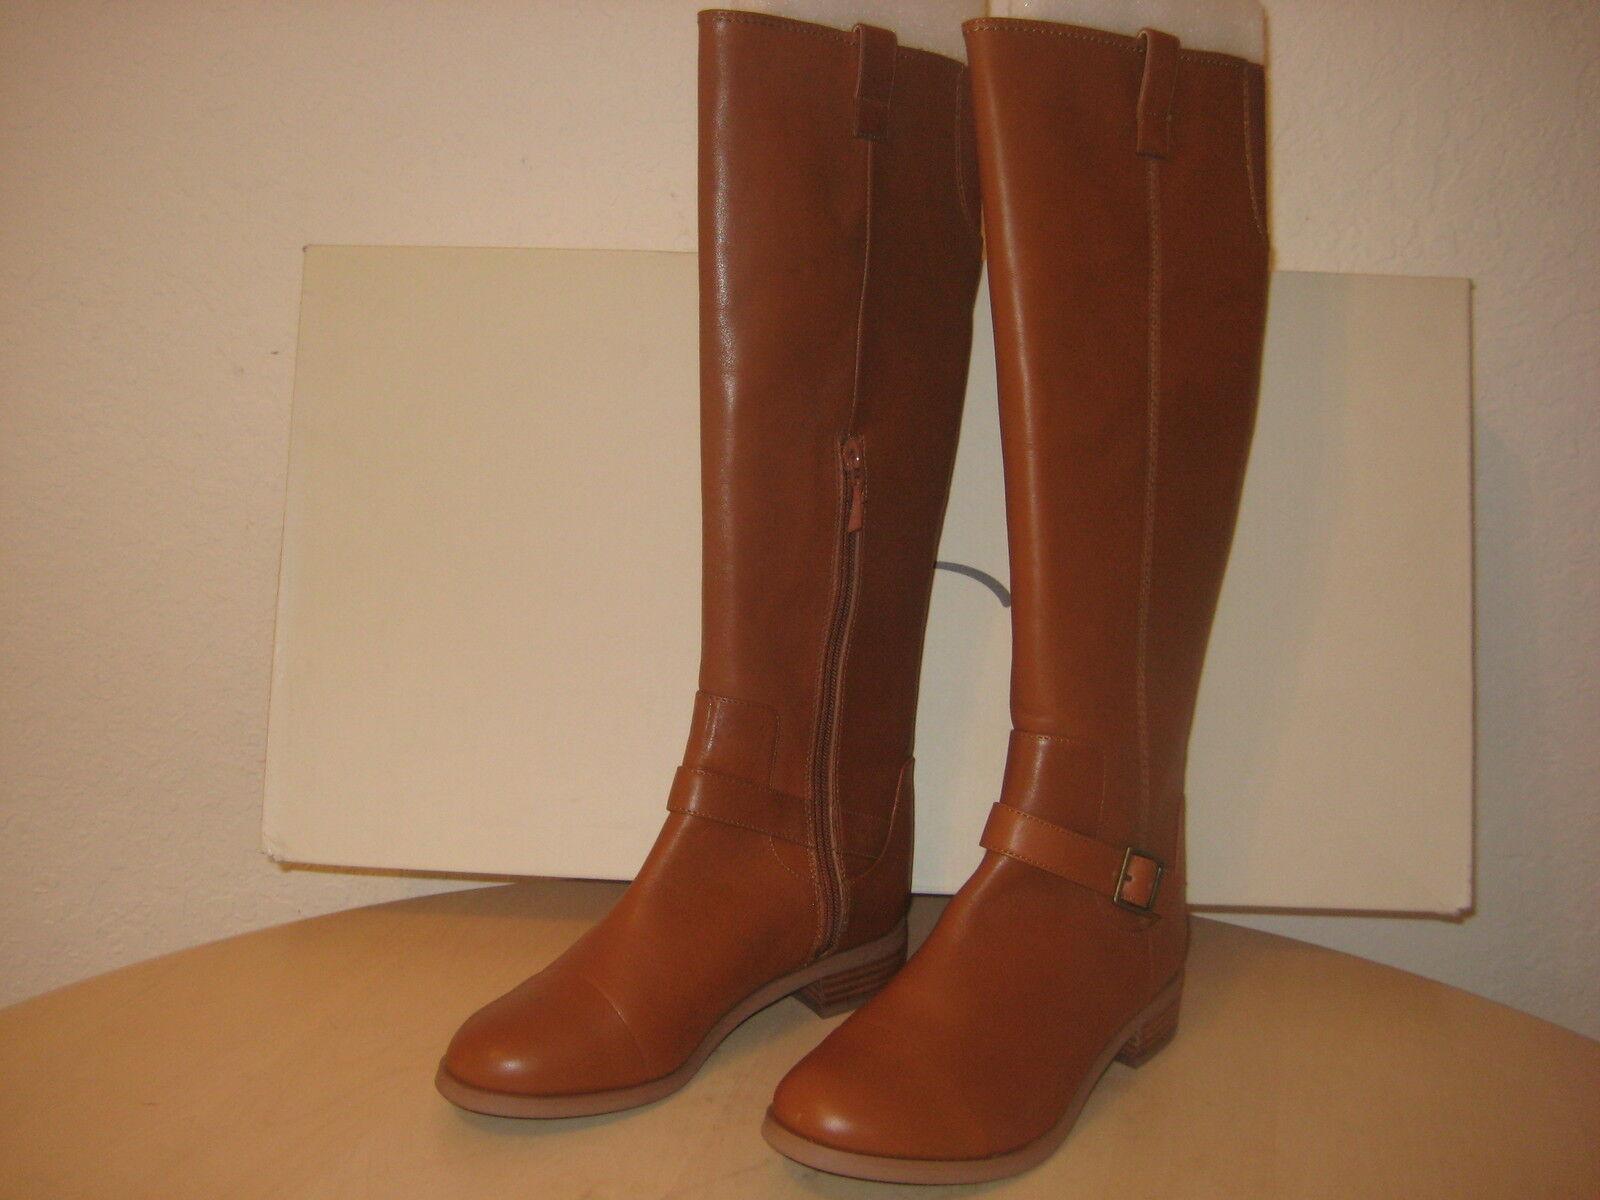 Rachel Roy Schuhes Größe 6 M Damenschuhe New New New Desirey Dark Natural Leder Fashion Stiefel 28740d